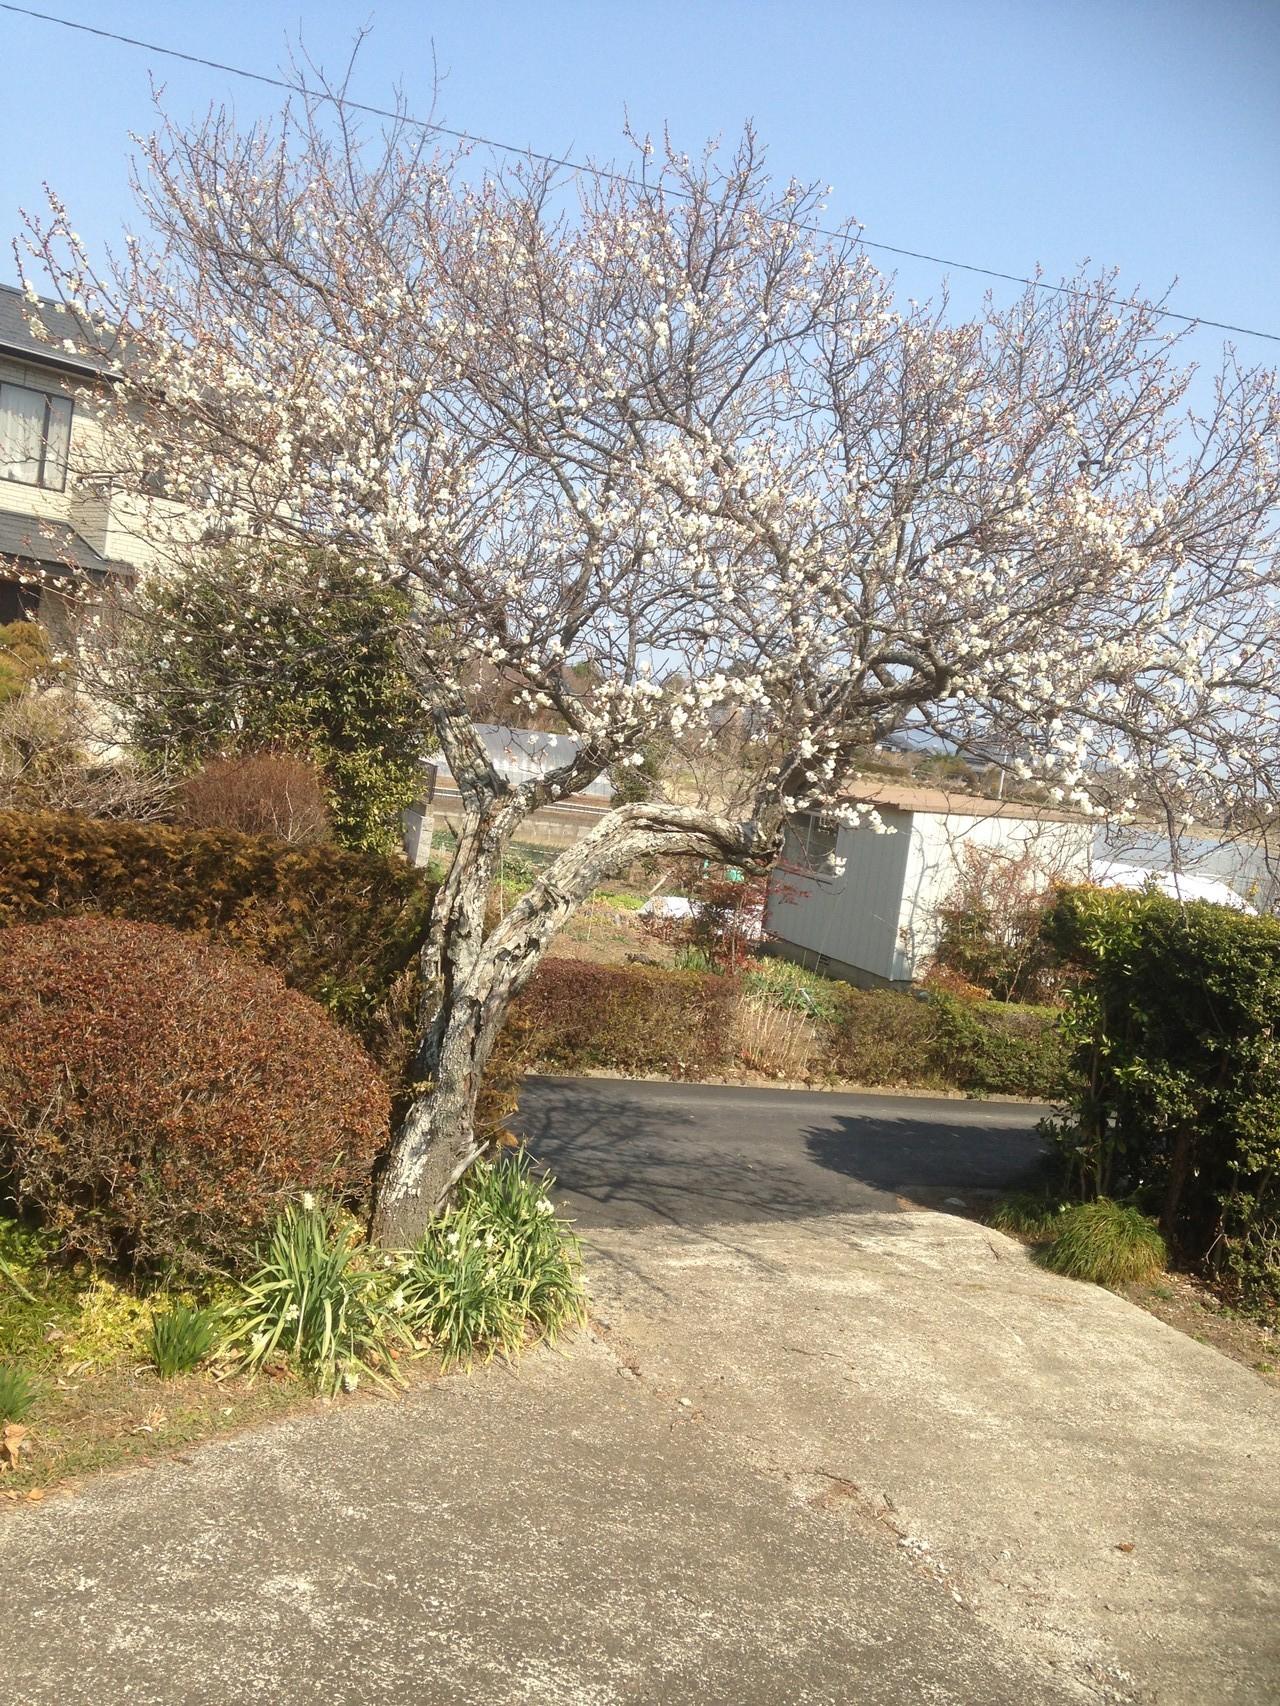 デイサービス入り口には梅の花も咲き、梅の実も収穫できます